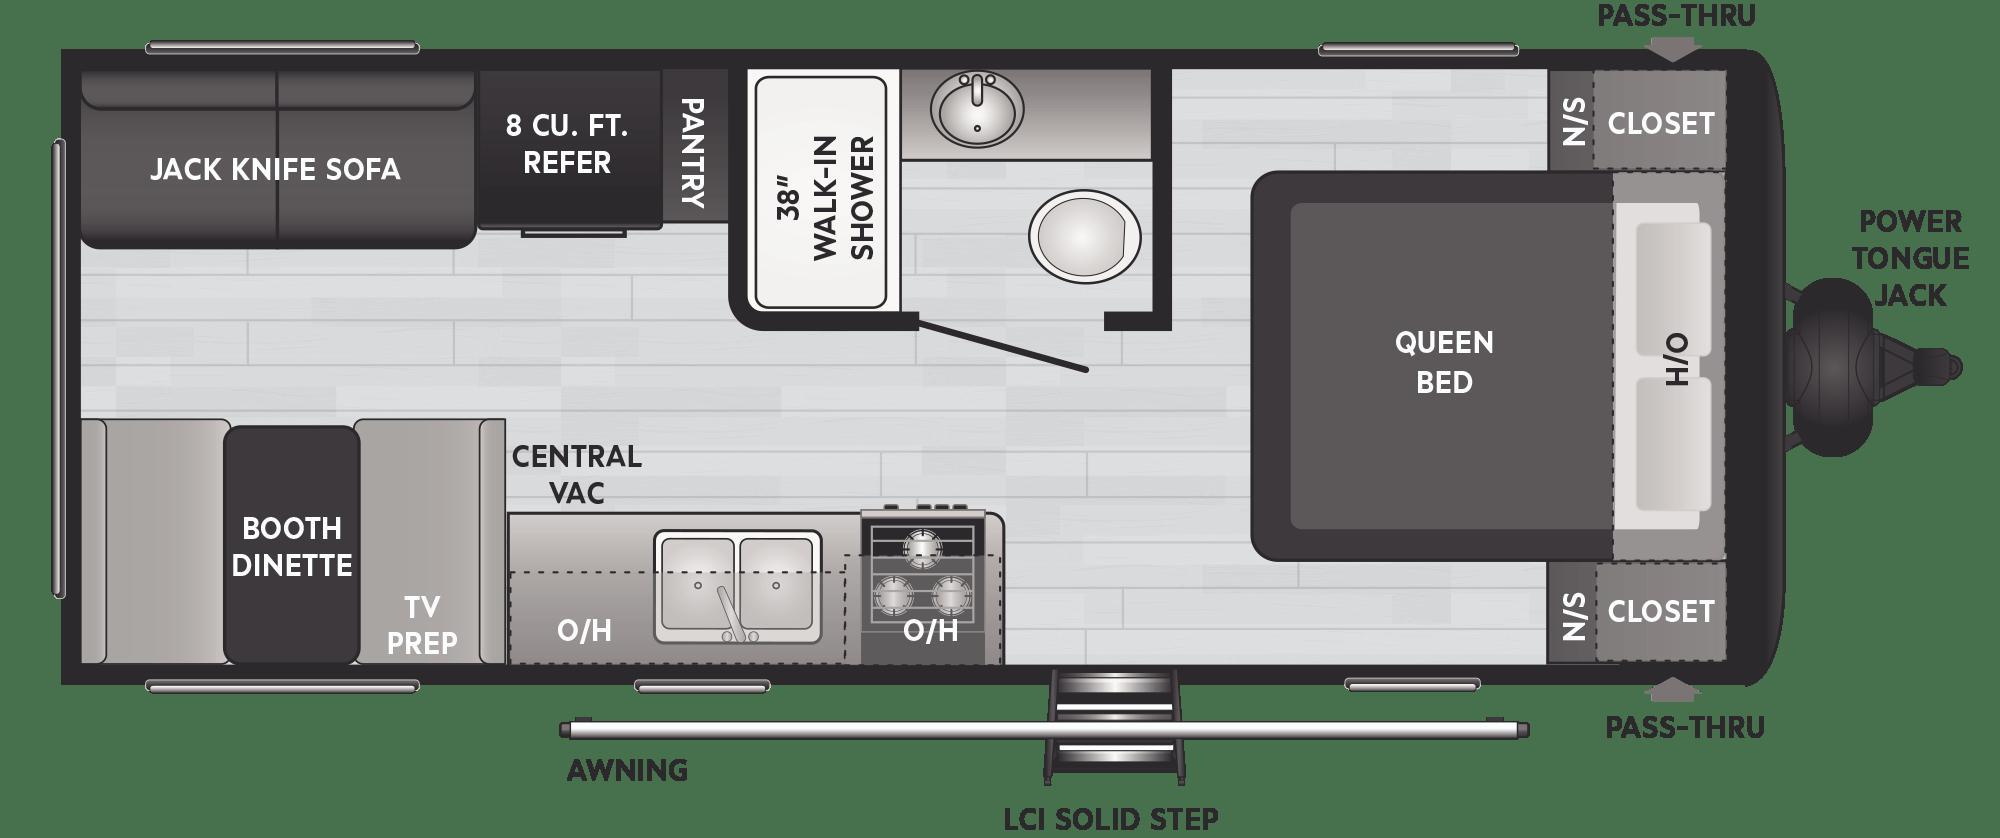 Floorplan of RV model 20RDWE